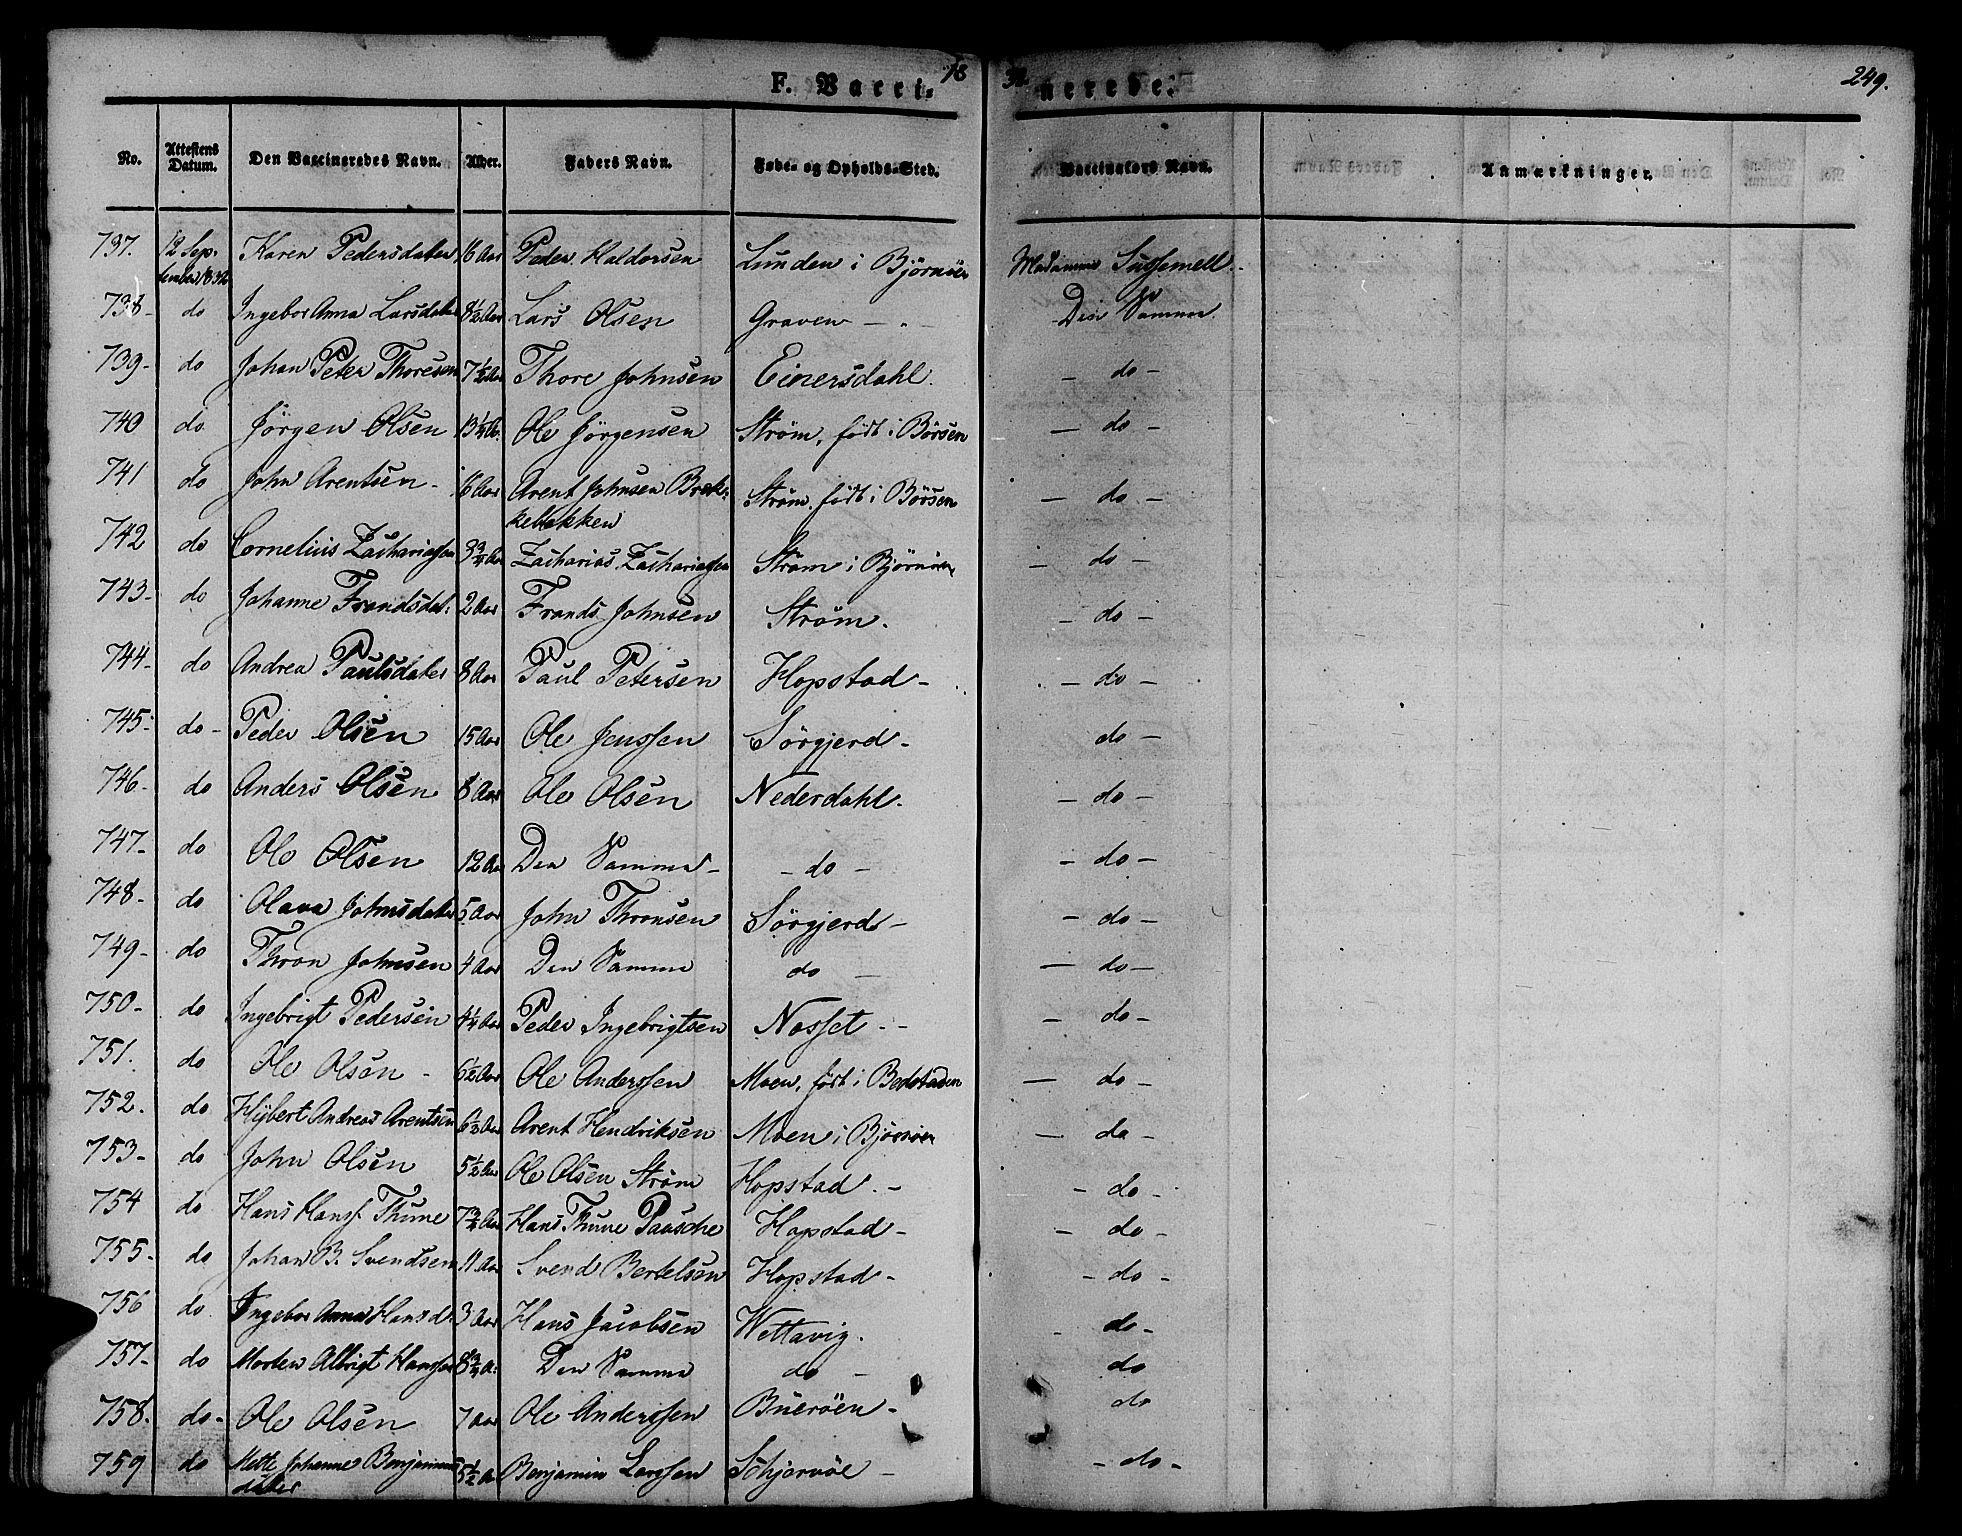 SAT, Ministerialprotokoller, klokkerbøker og fødselsregistre - Sør-Trøndelag, 657/L0703: Ministerialbok nr. 657A04, 1831-1846, s. 249